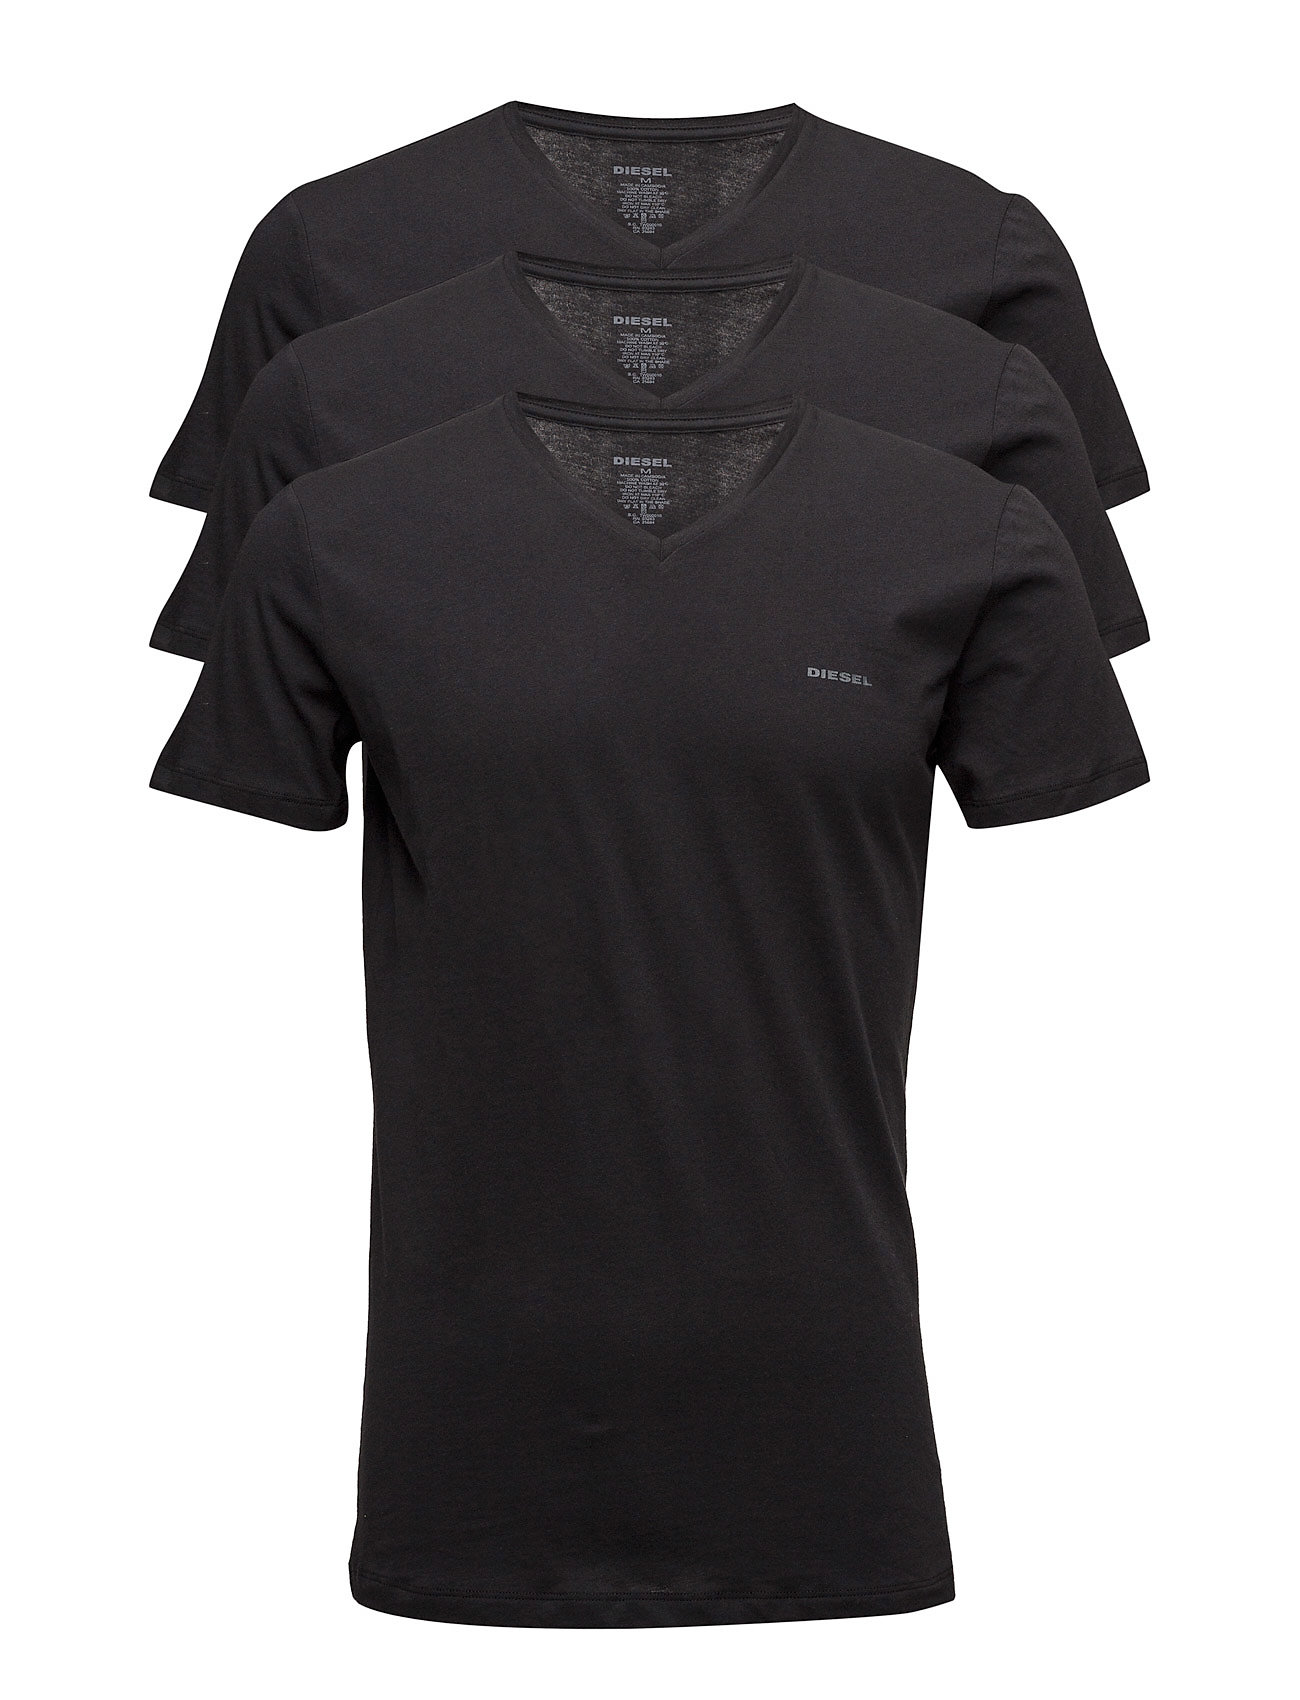 Umtee-Jake-Vthreepack T-Shirt 3 Pac - Diesel Men